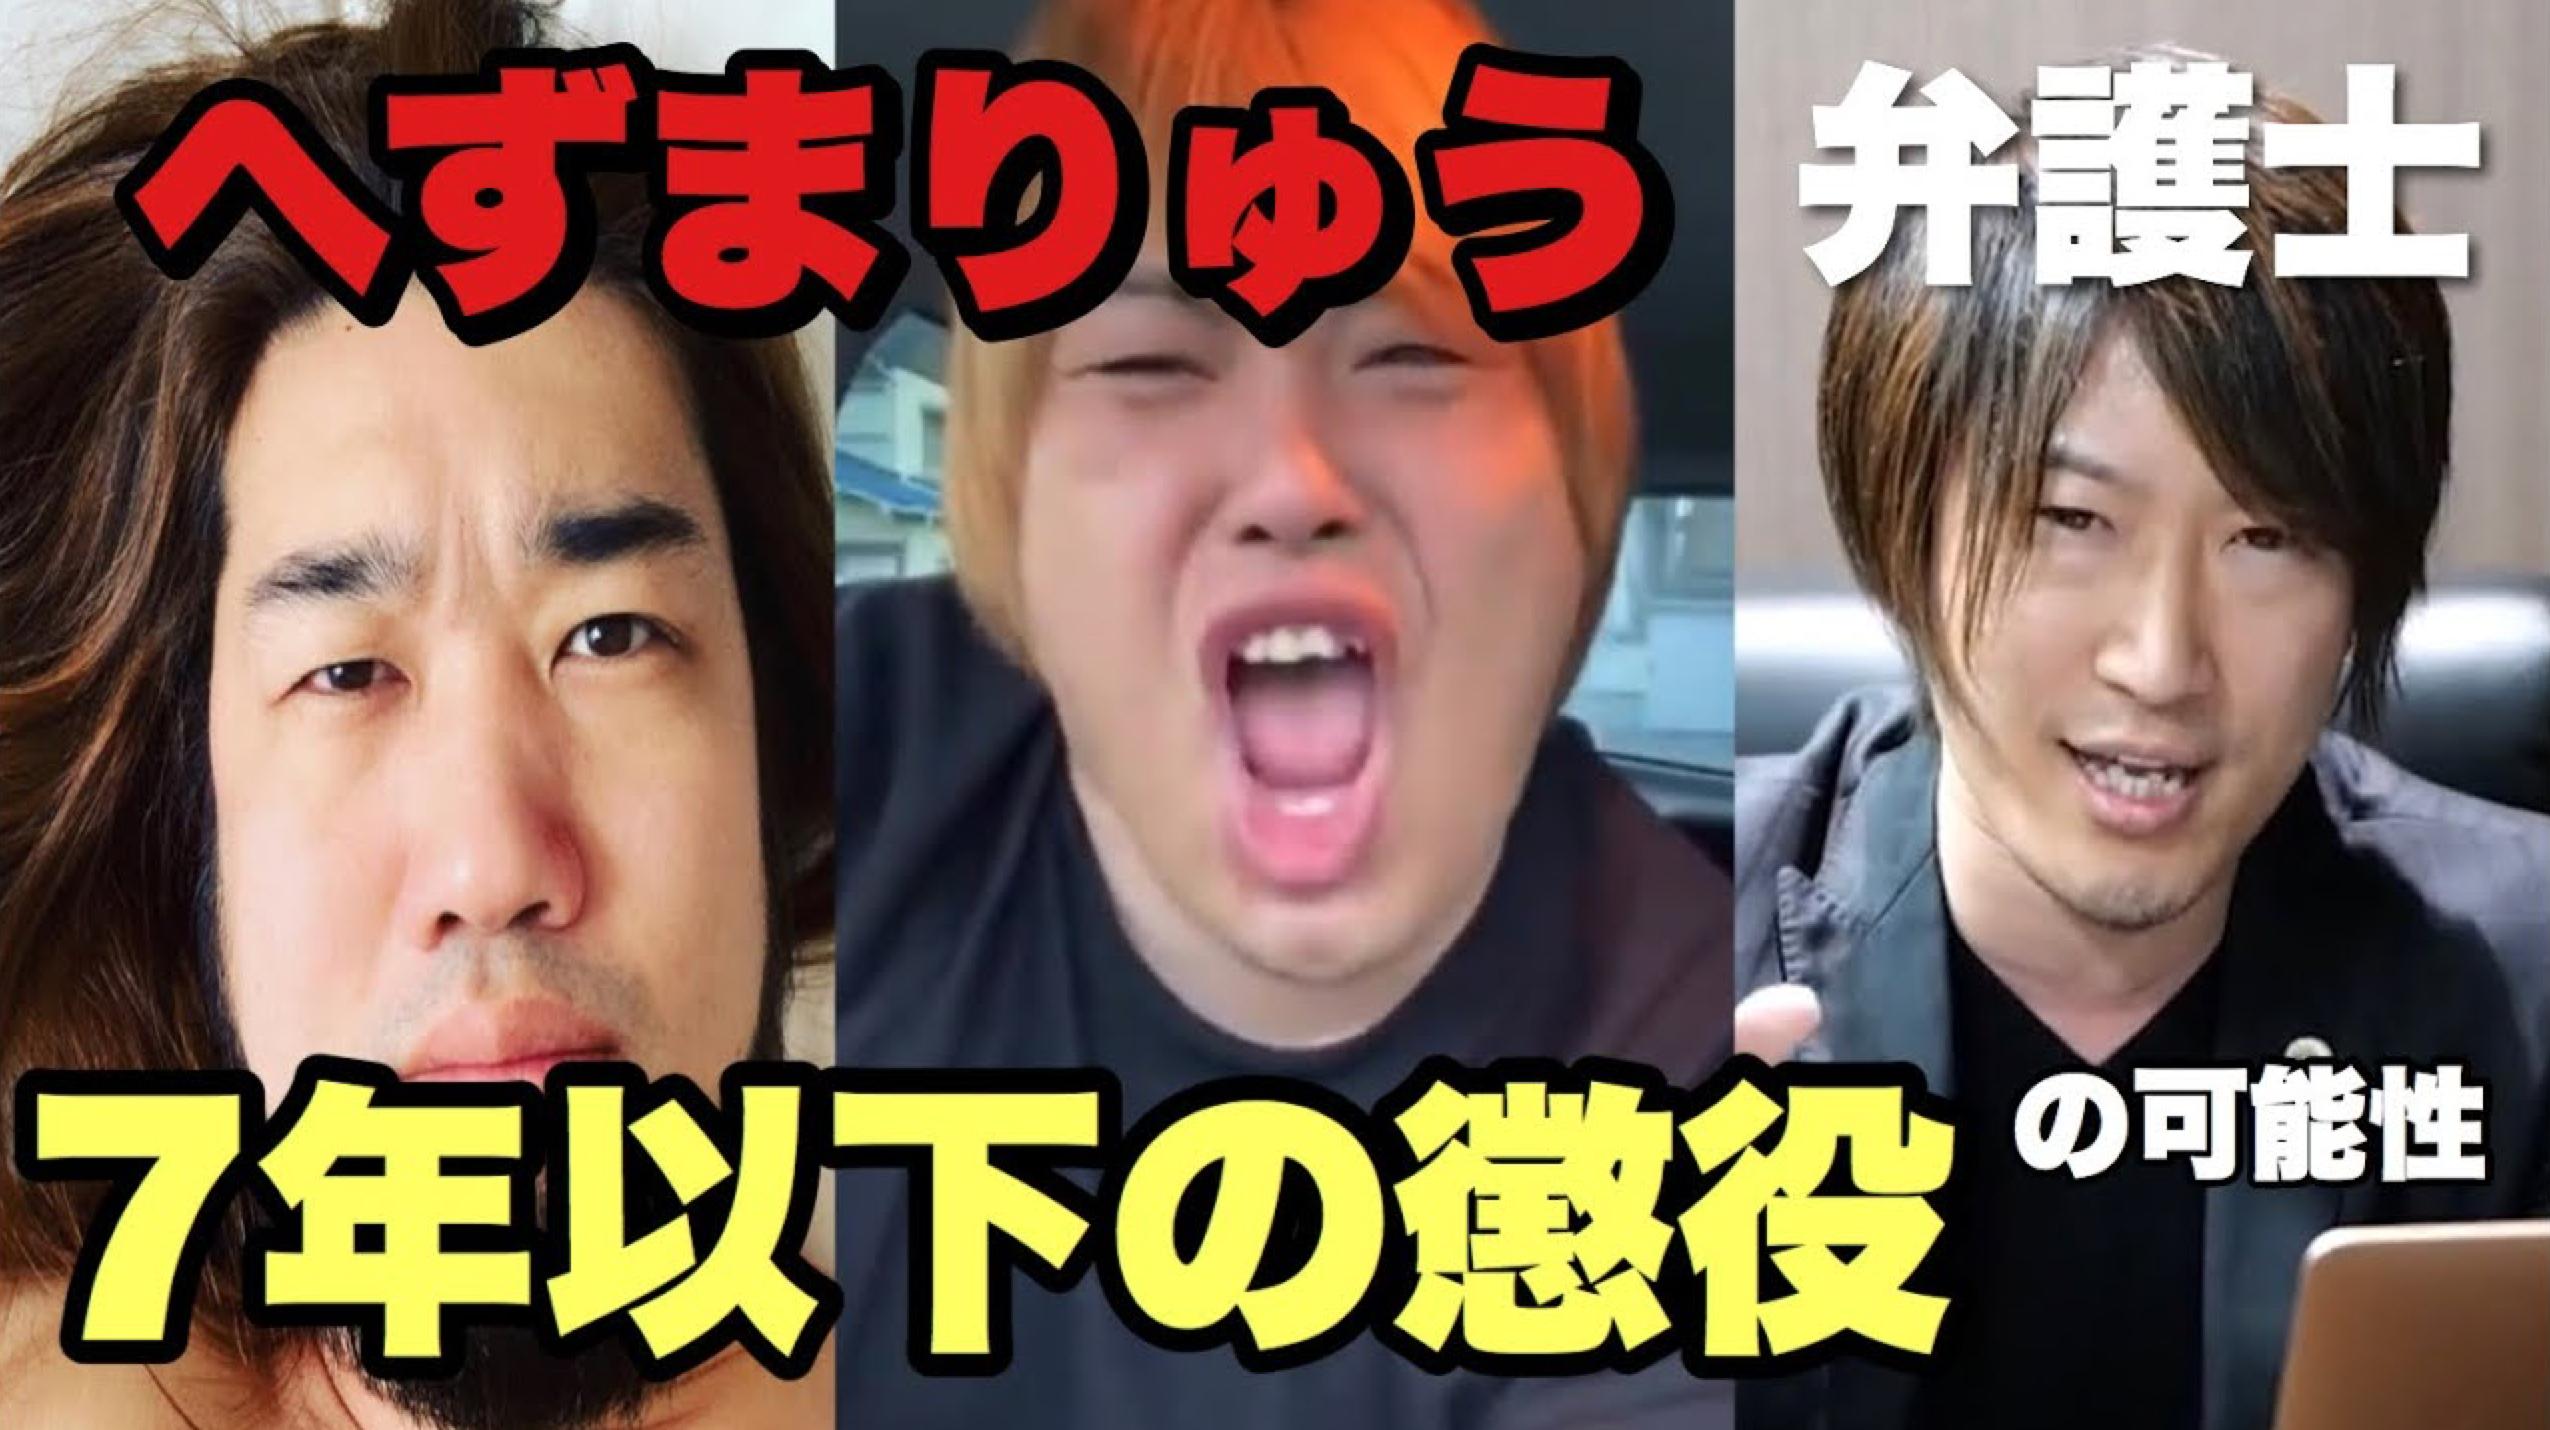 迷惑系YouTuber「へズマ」こと原田将大、窃盗容疑で逮捕。会計前に魚をモグモグ。